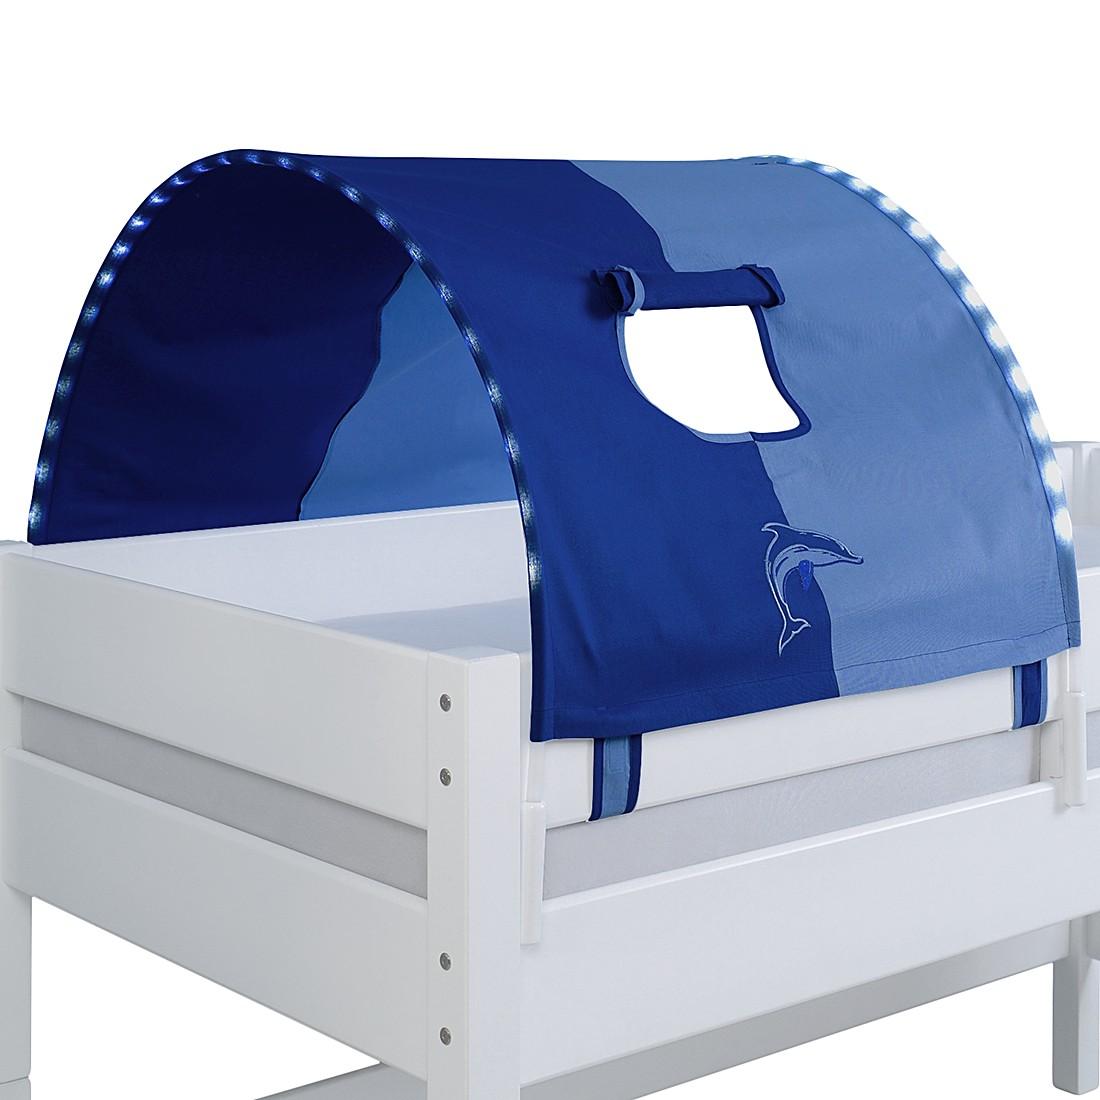 boxspringbett 140x200 wei sir ma e cm b 162 h 108 t 213 betten boxspringbetten. Black Bedroom Furniture Sets. Home Design Ideas